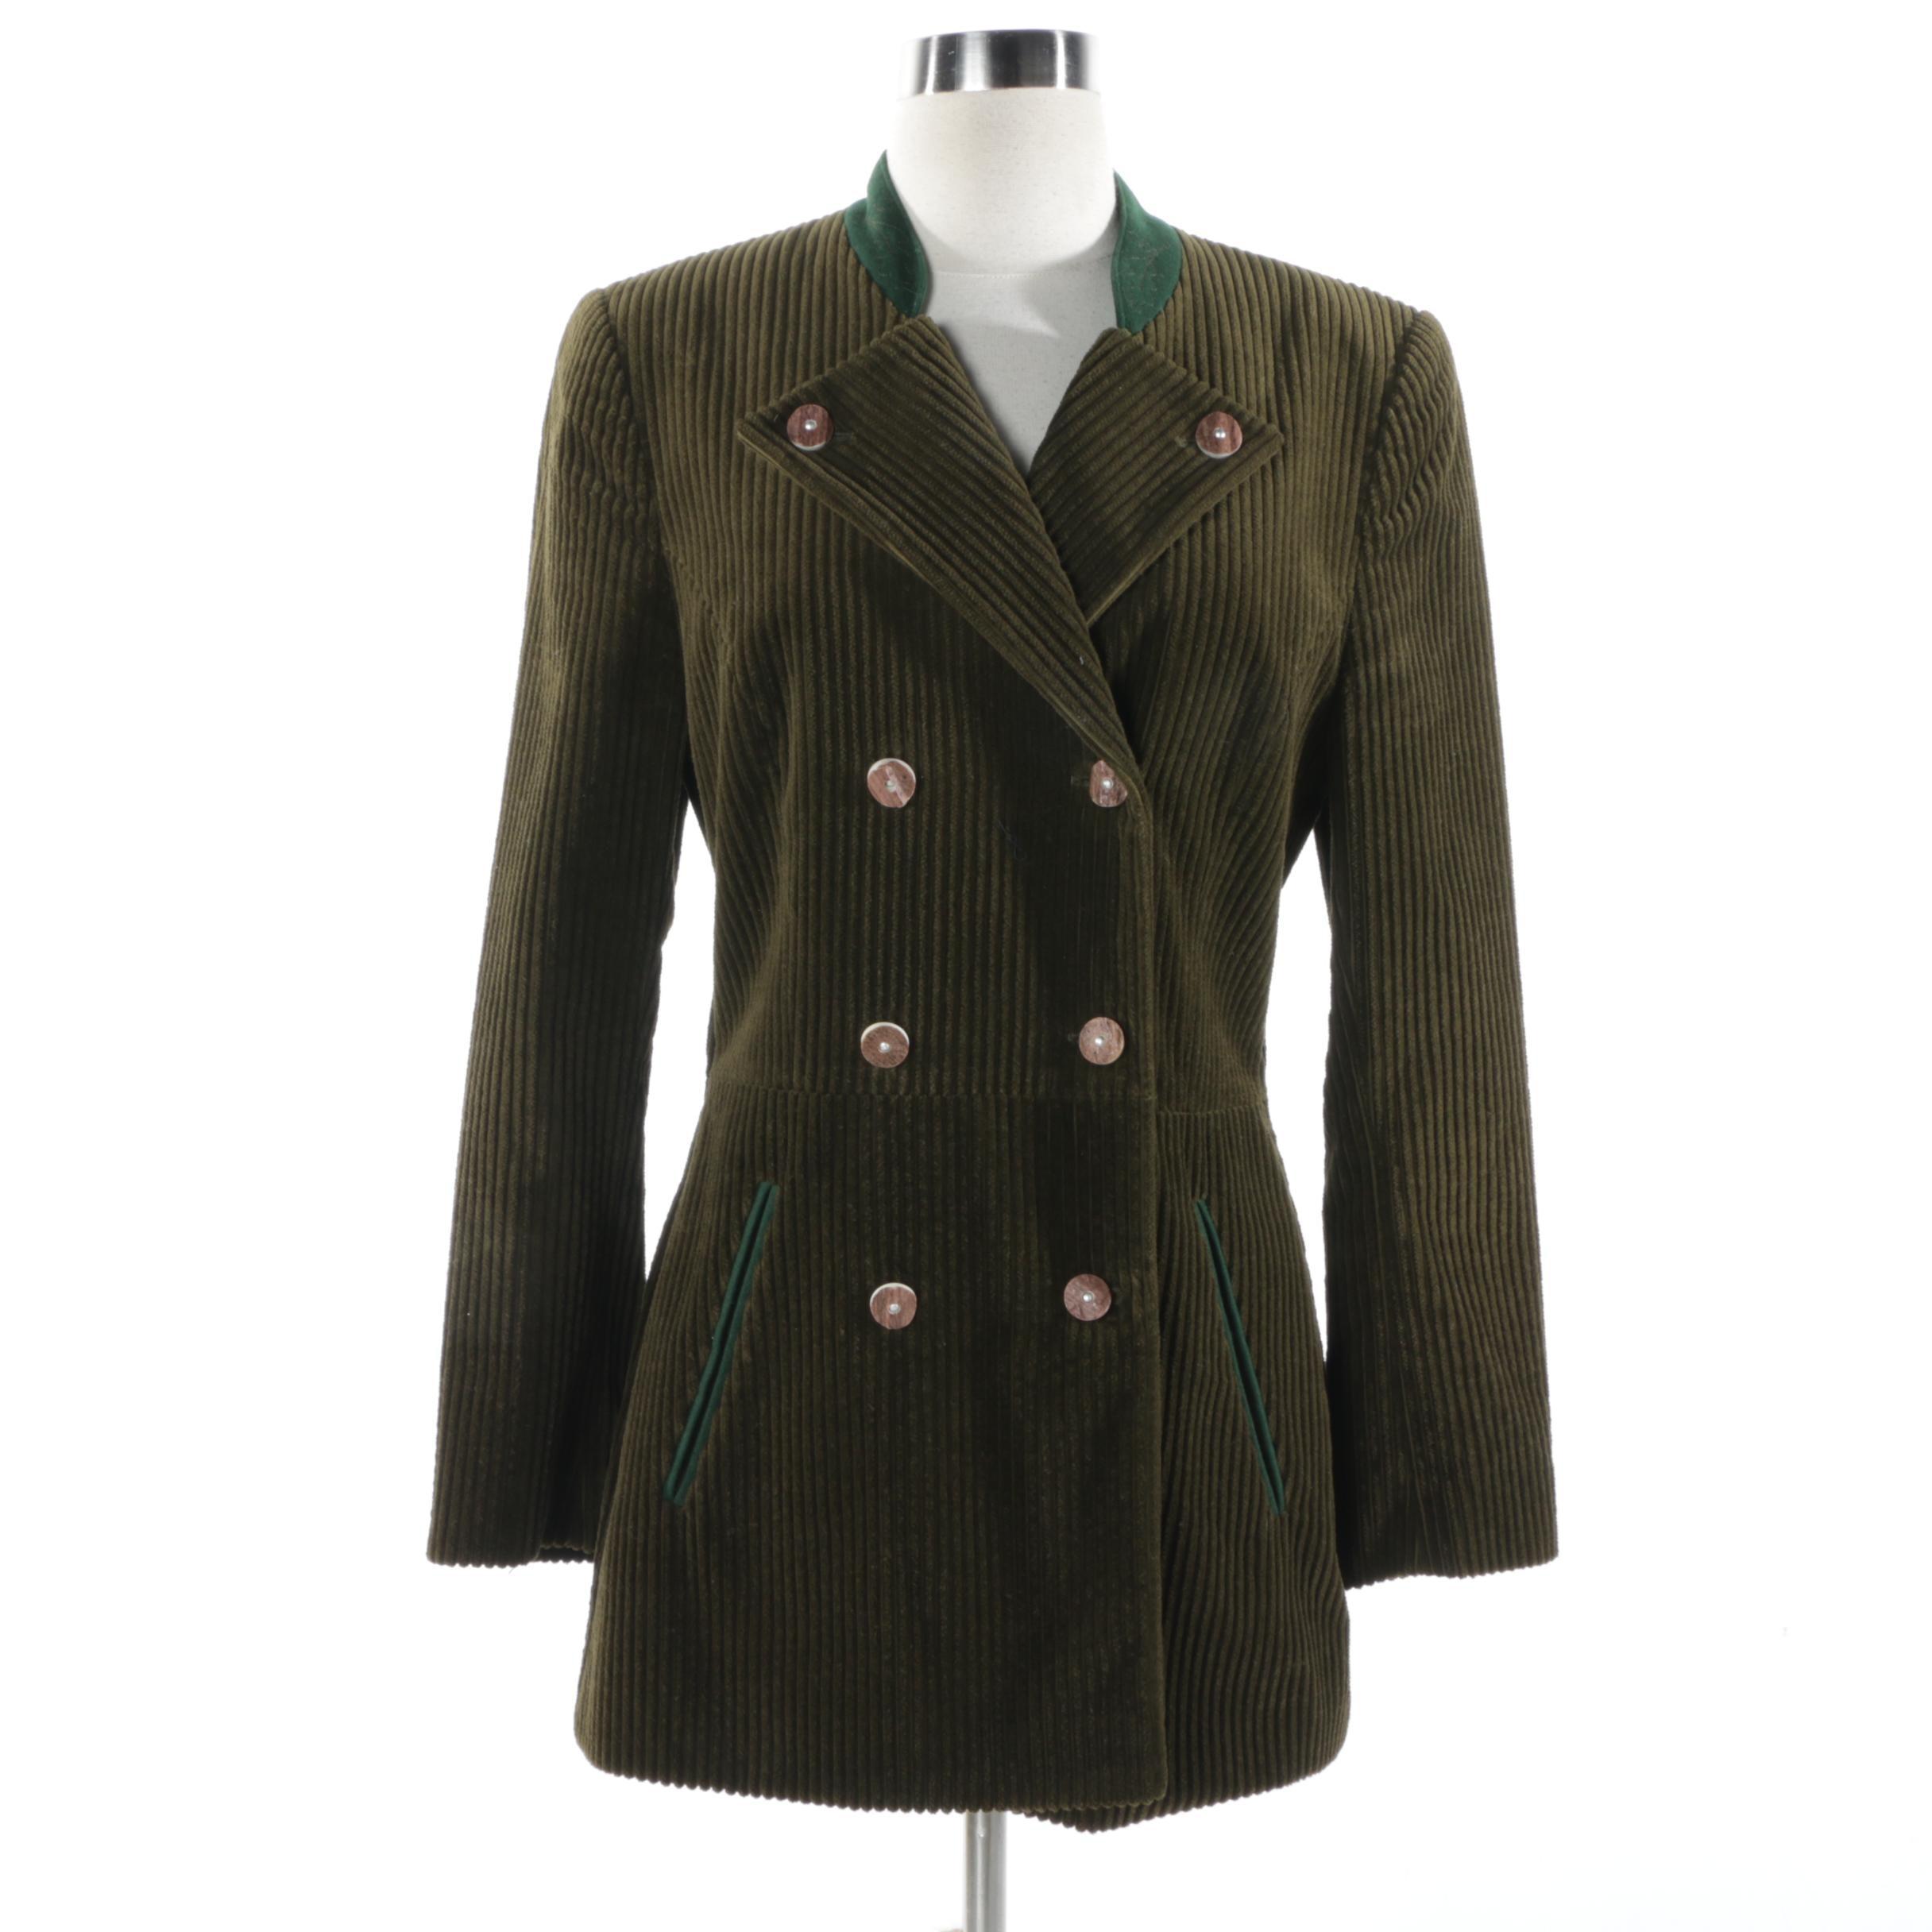 Women's Vintage Country Classics Susanne Von Dörnberg Corduroy Jacket